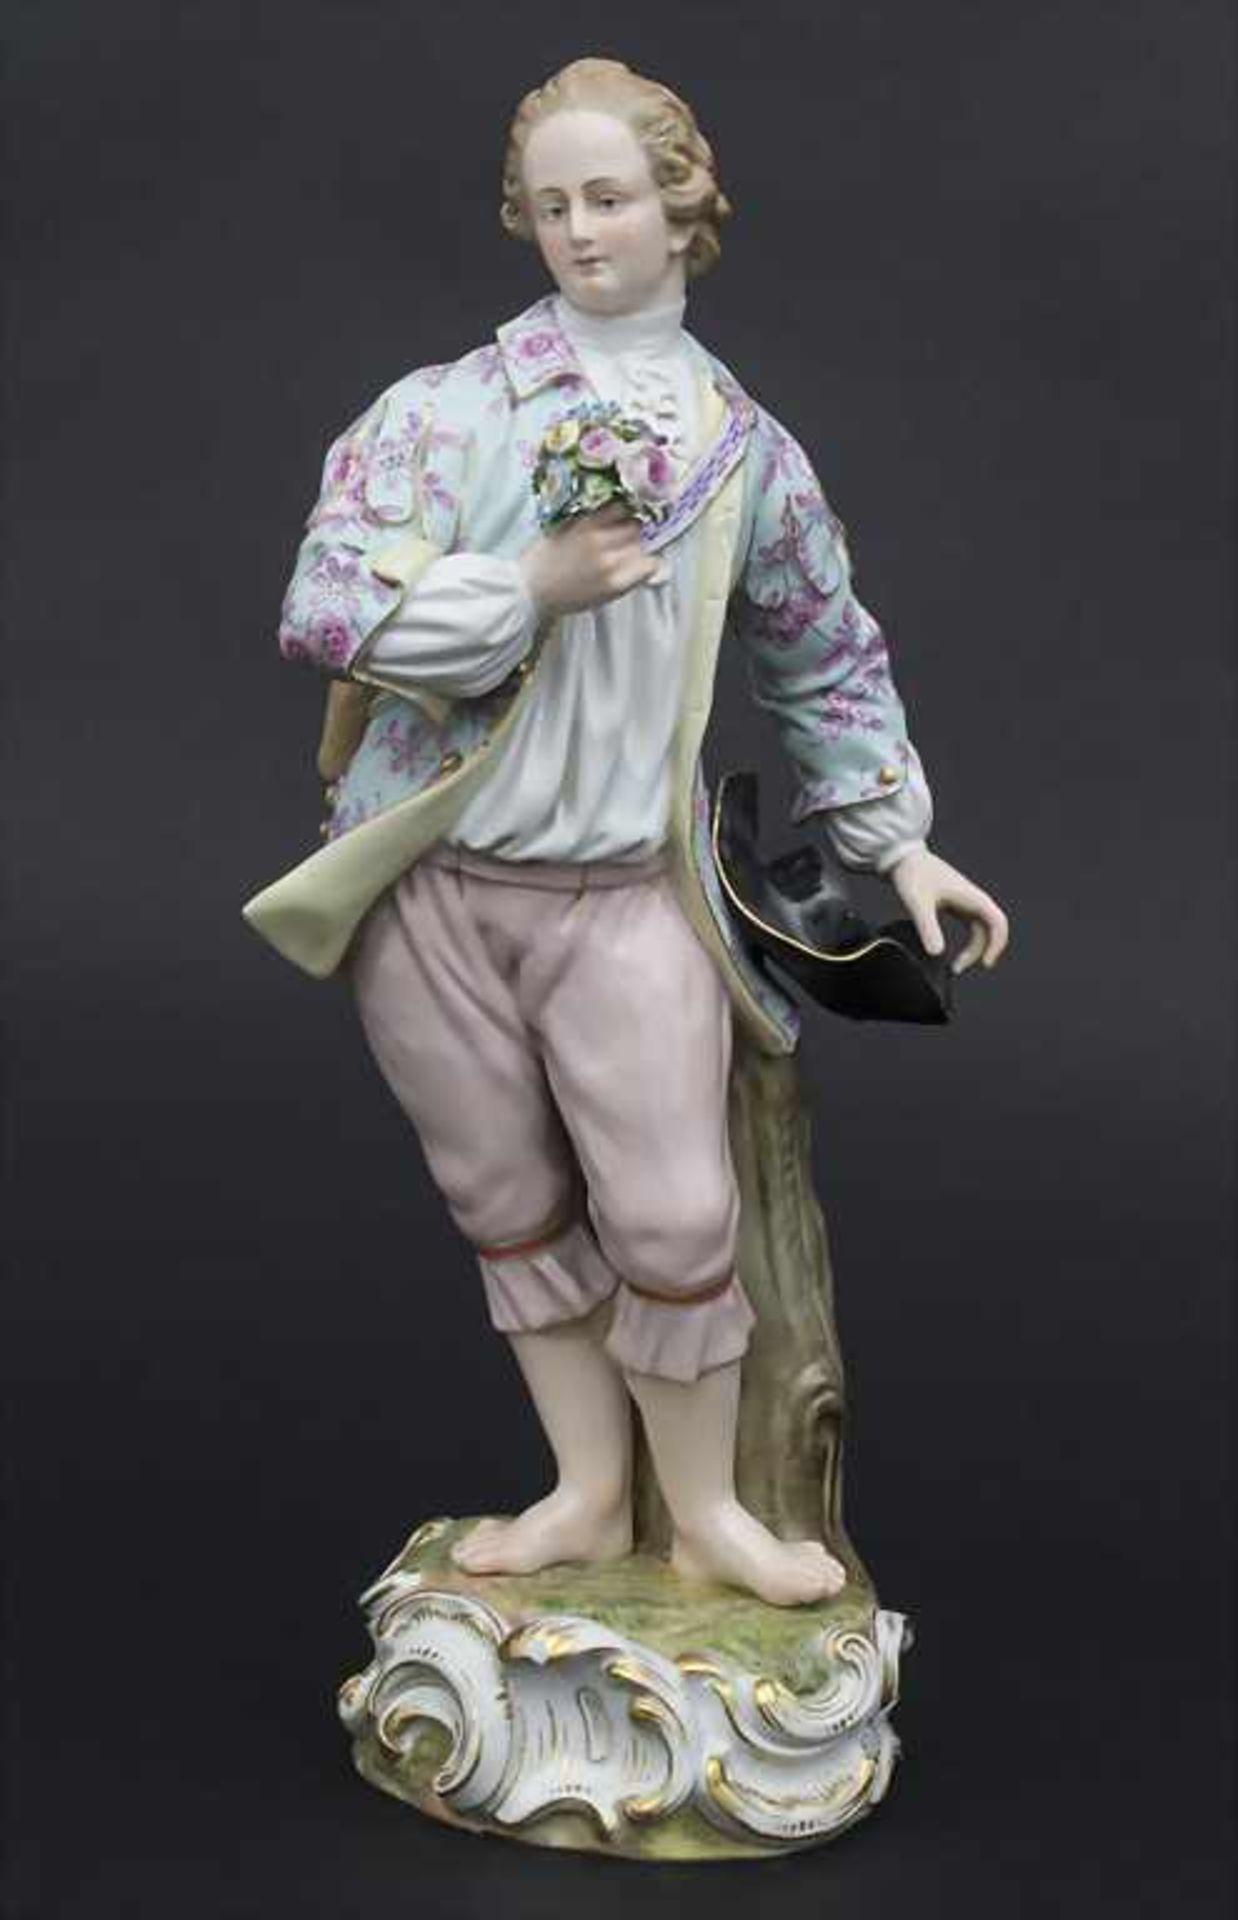 Große Figur eines jungen Mannes mit Blumenstrauß / A large figure of a young man with flower